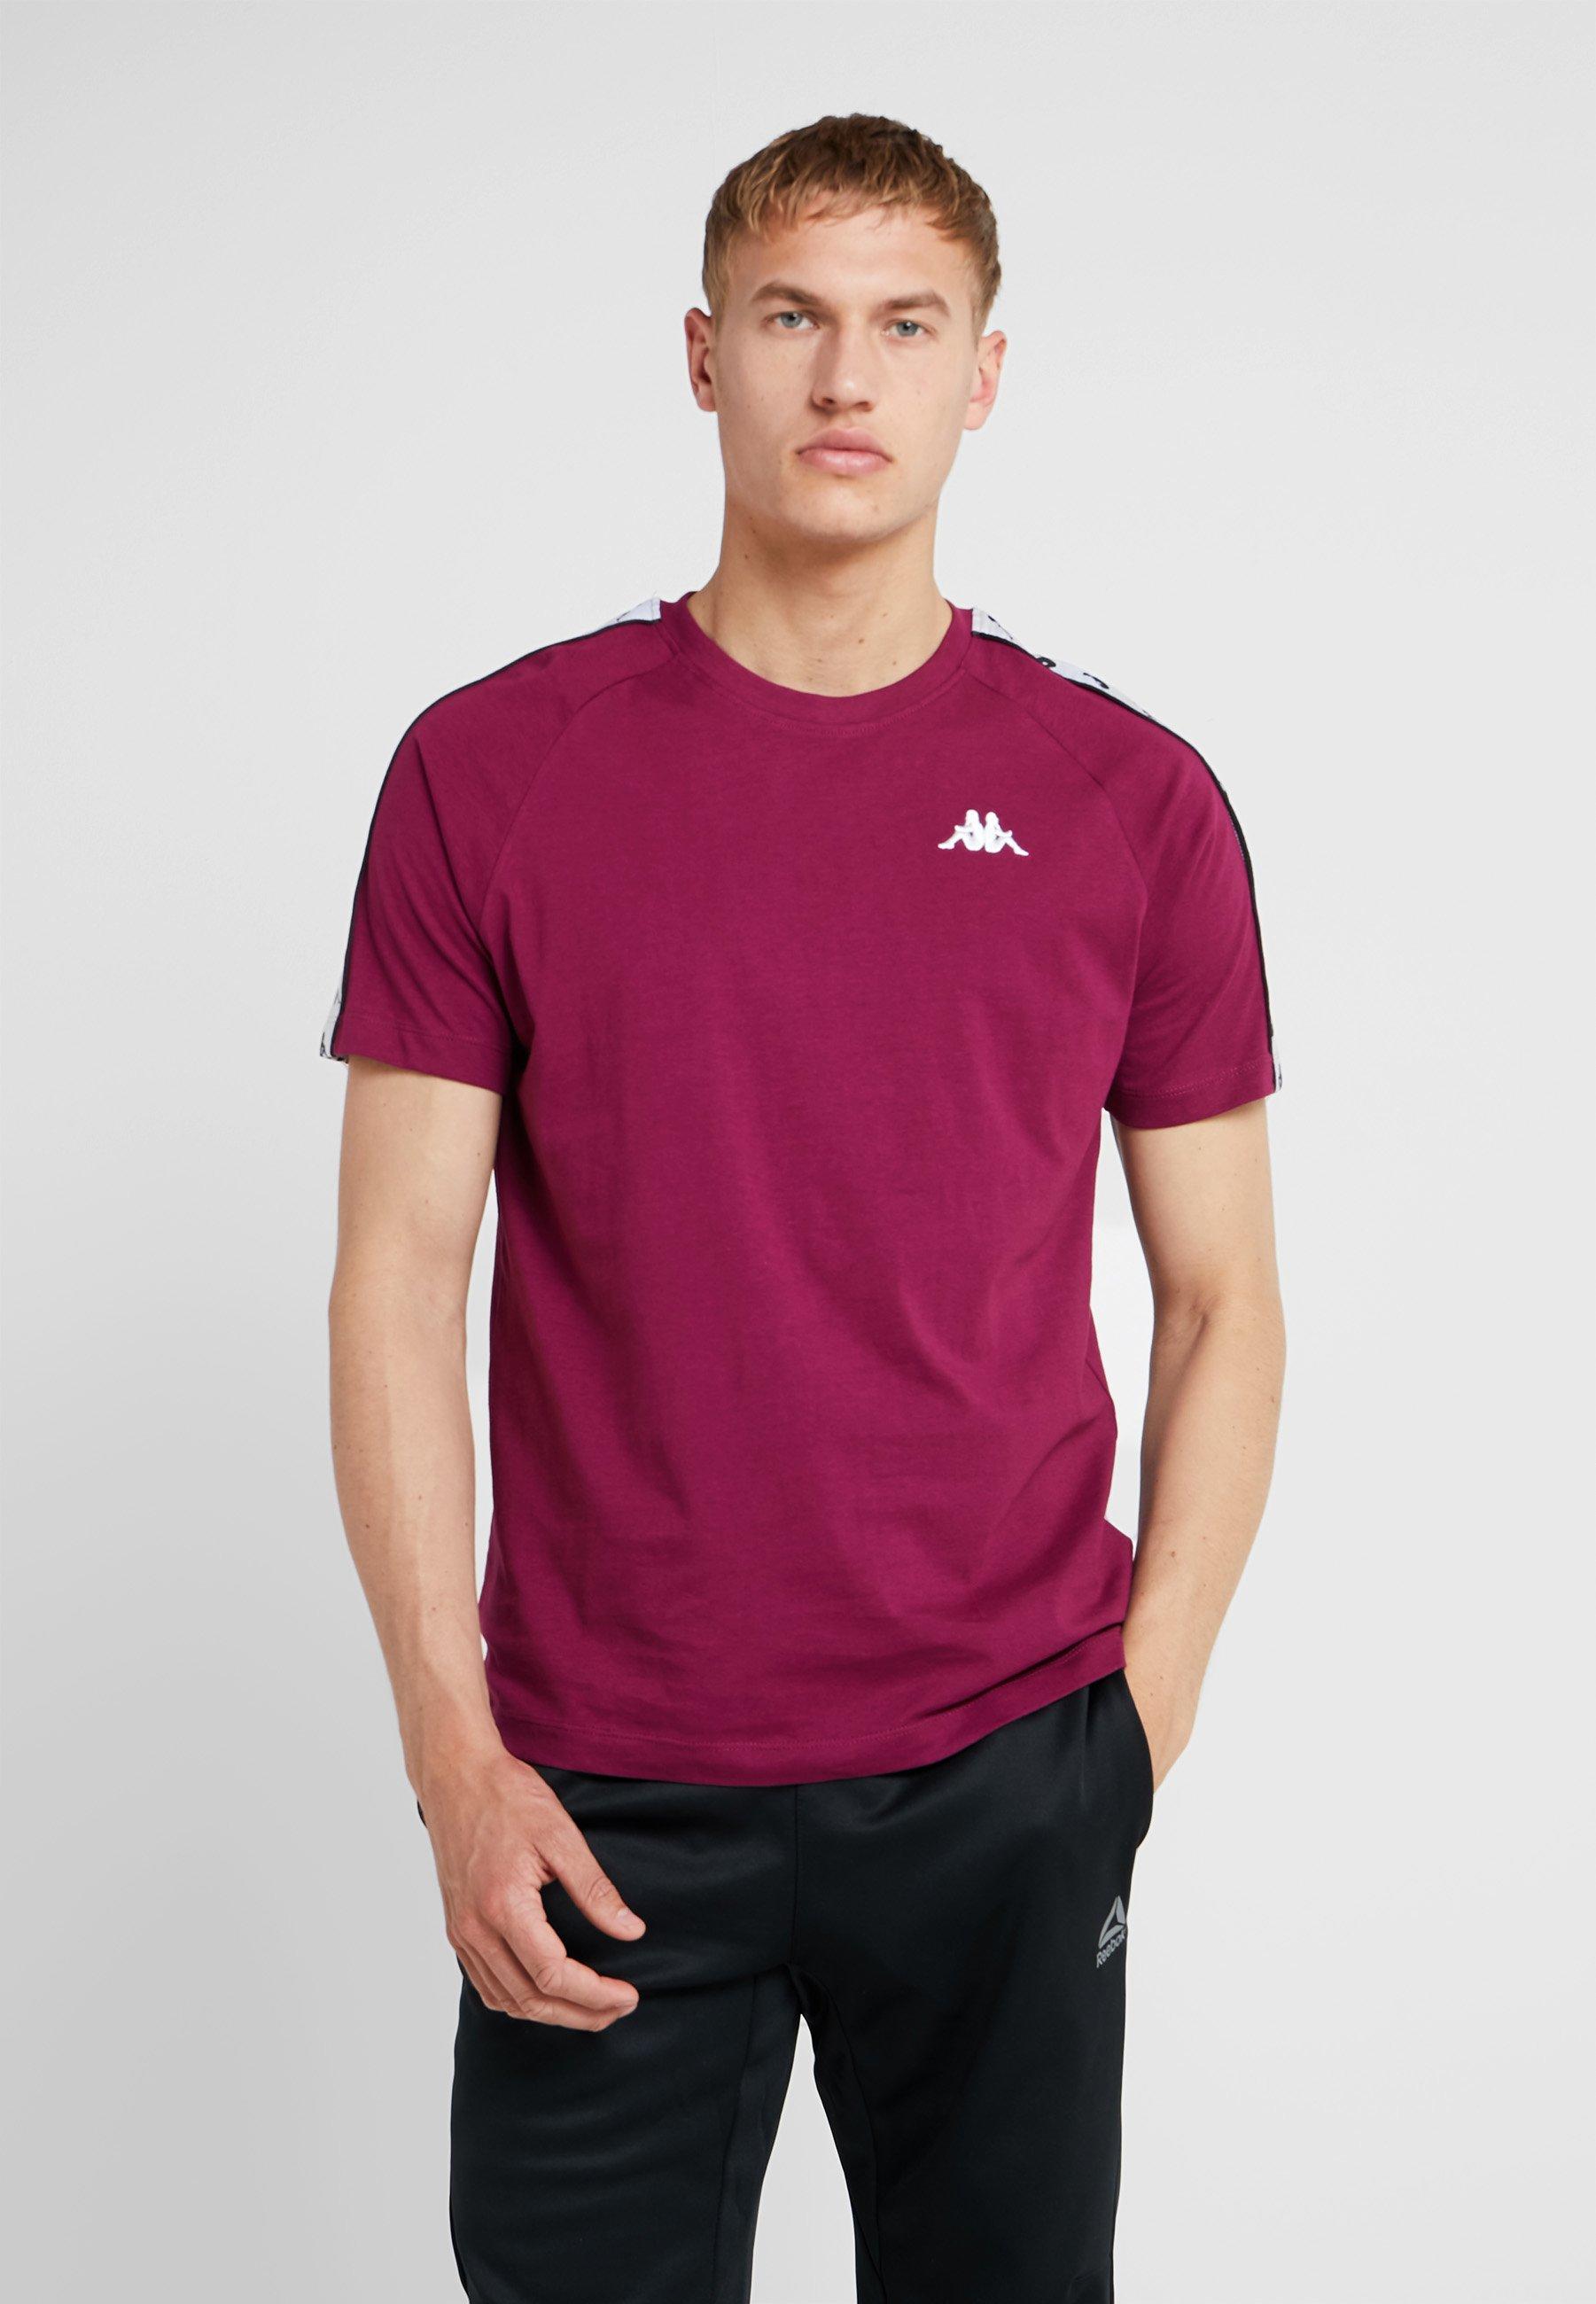 Imprimé shirt Kappa Potion Purple FinleyT SUzpVM